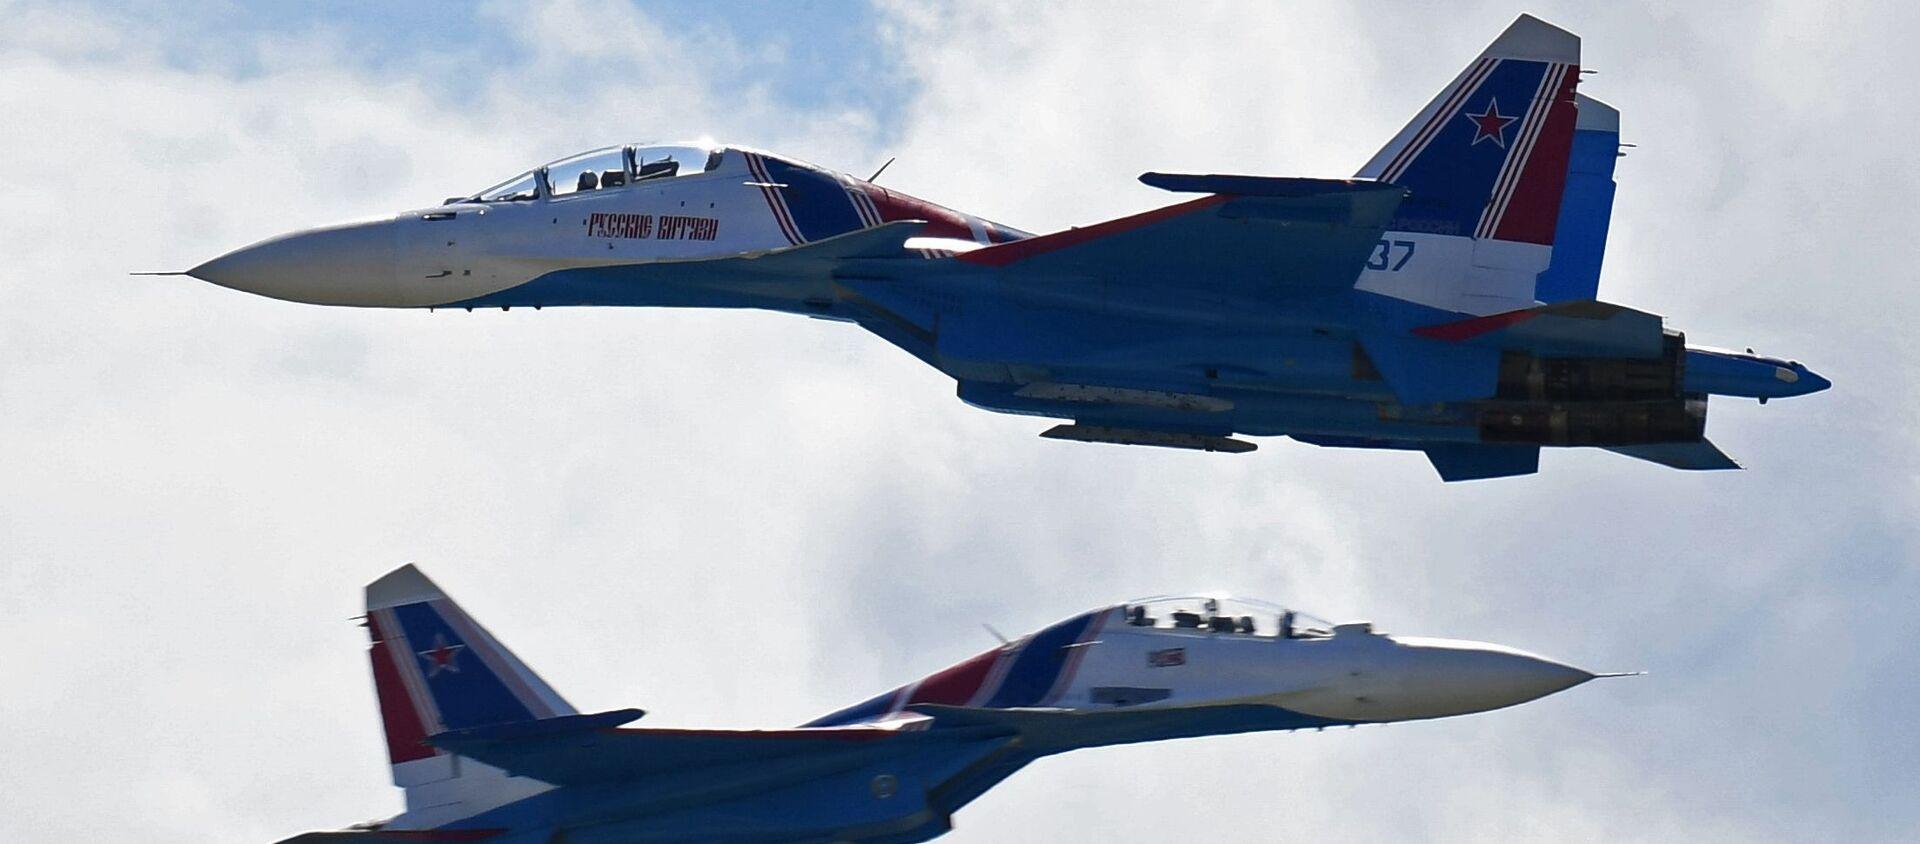 Các tiêm kích Su-30SM của đội nhào lộn Tráng sĩ Nga tại Triển lãm-Hội chợ MAKS-2017 ở Zhukovsky. - Sputnik Việt Nam, 1920, 08.09.2020